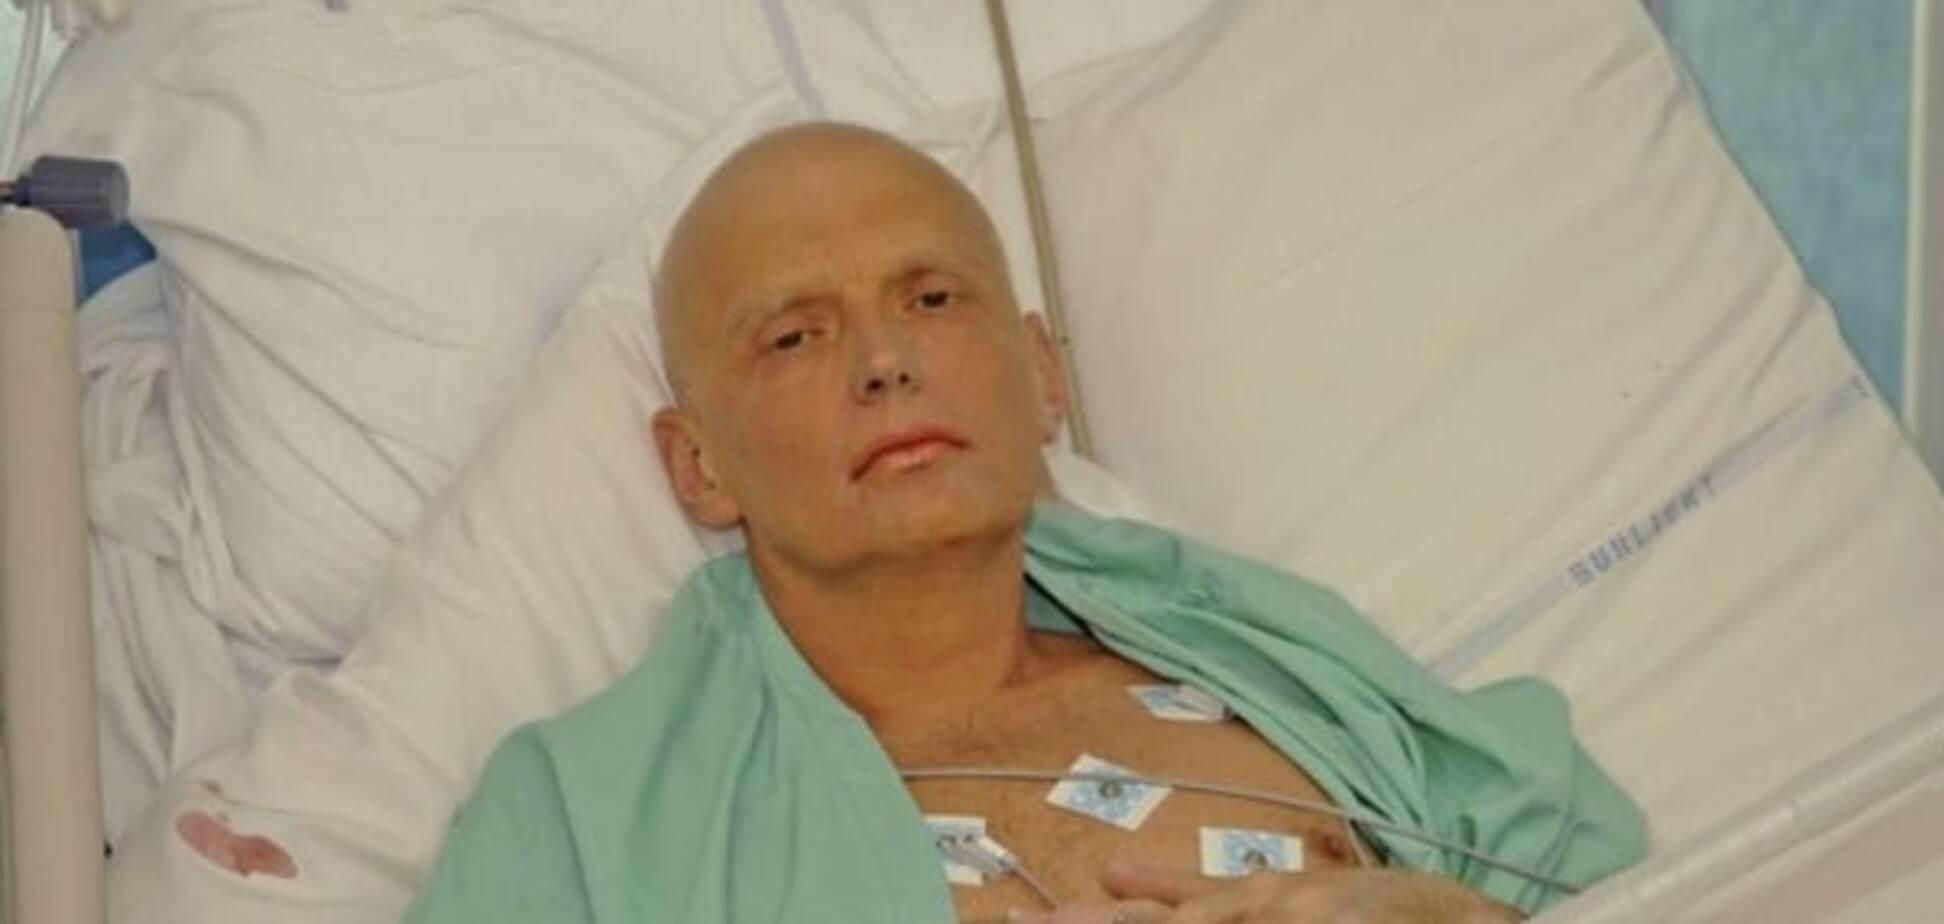 Опубликован полный перевод скандального британского доклада, обличающего Путина